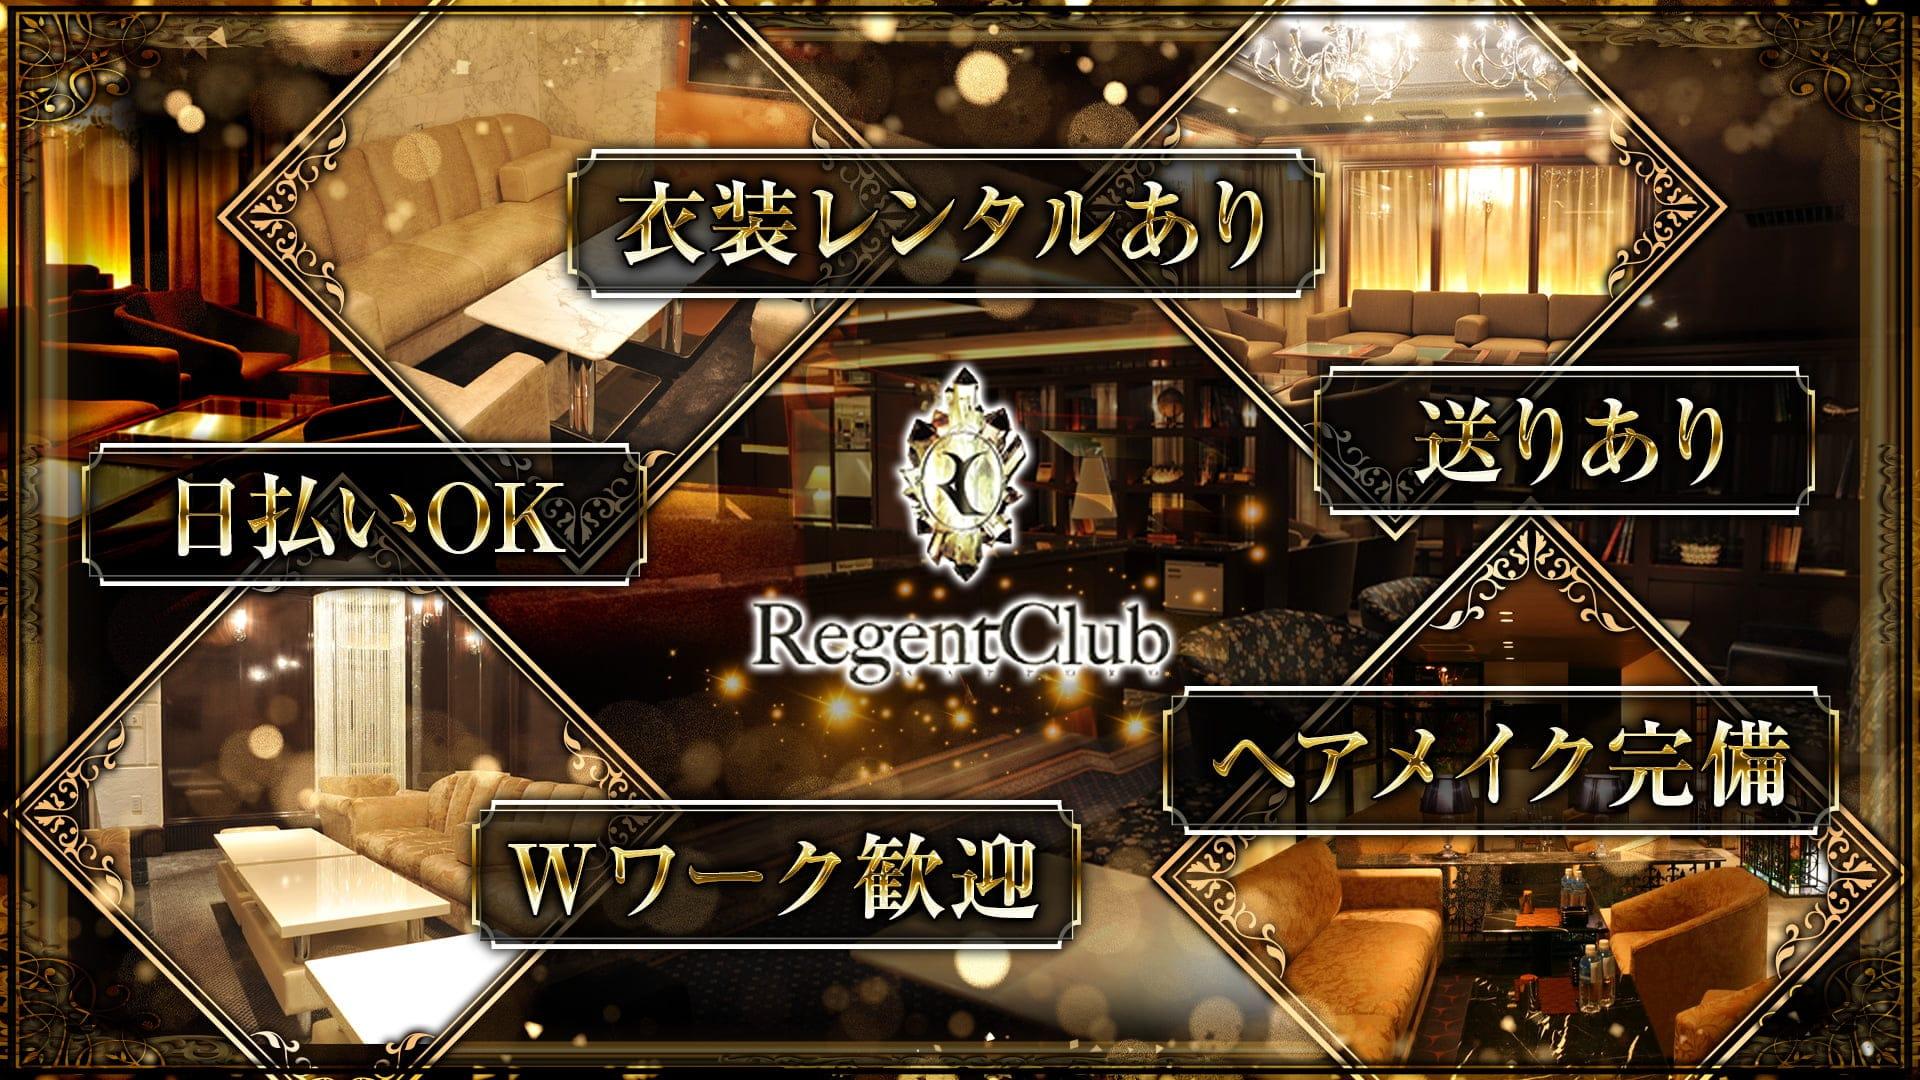 札幌REGENT CLUB(リージェントクラブ)【公式求人・体入情報】 すすきのニュークラブ TOP画像